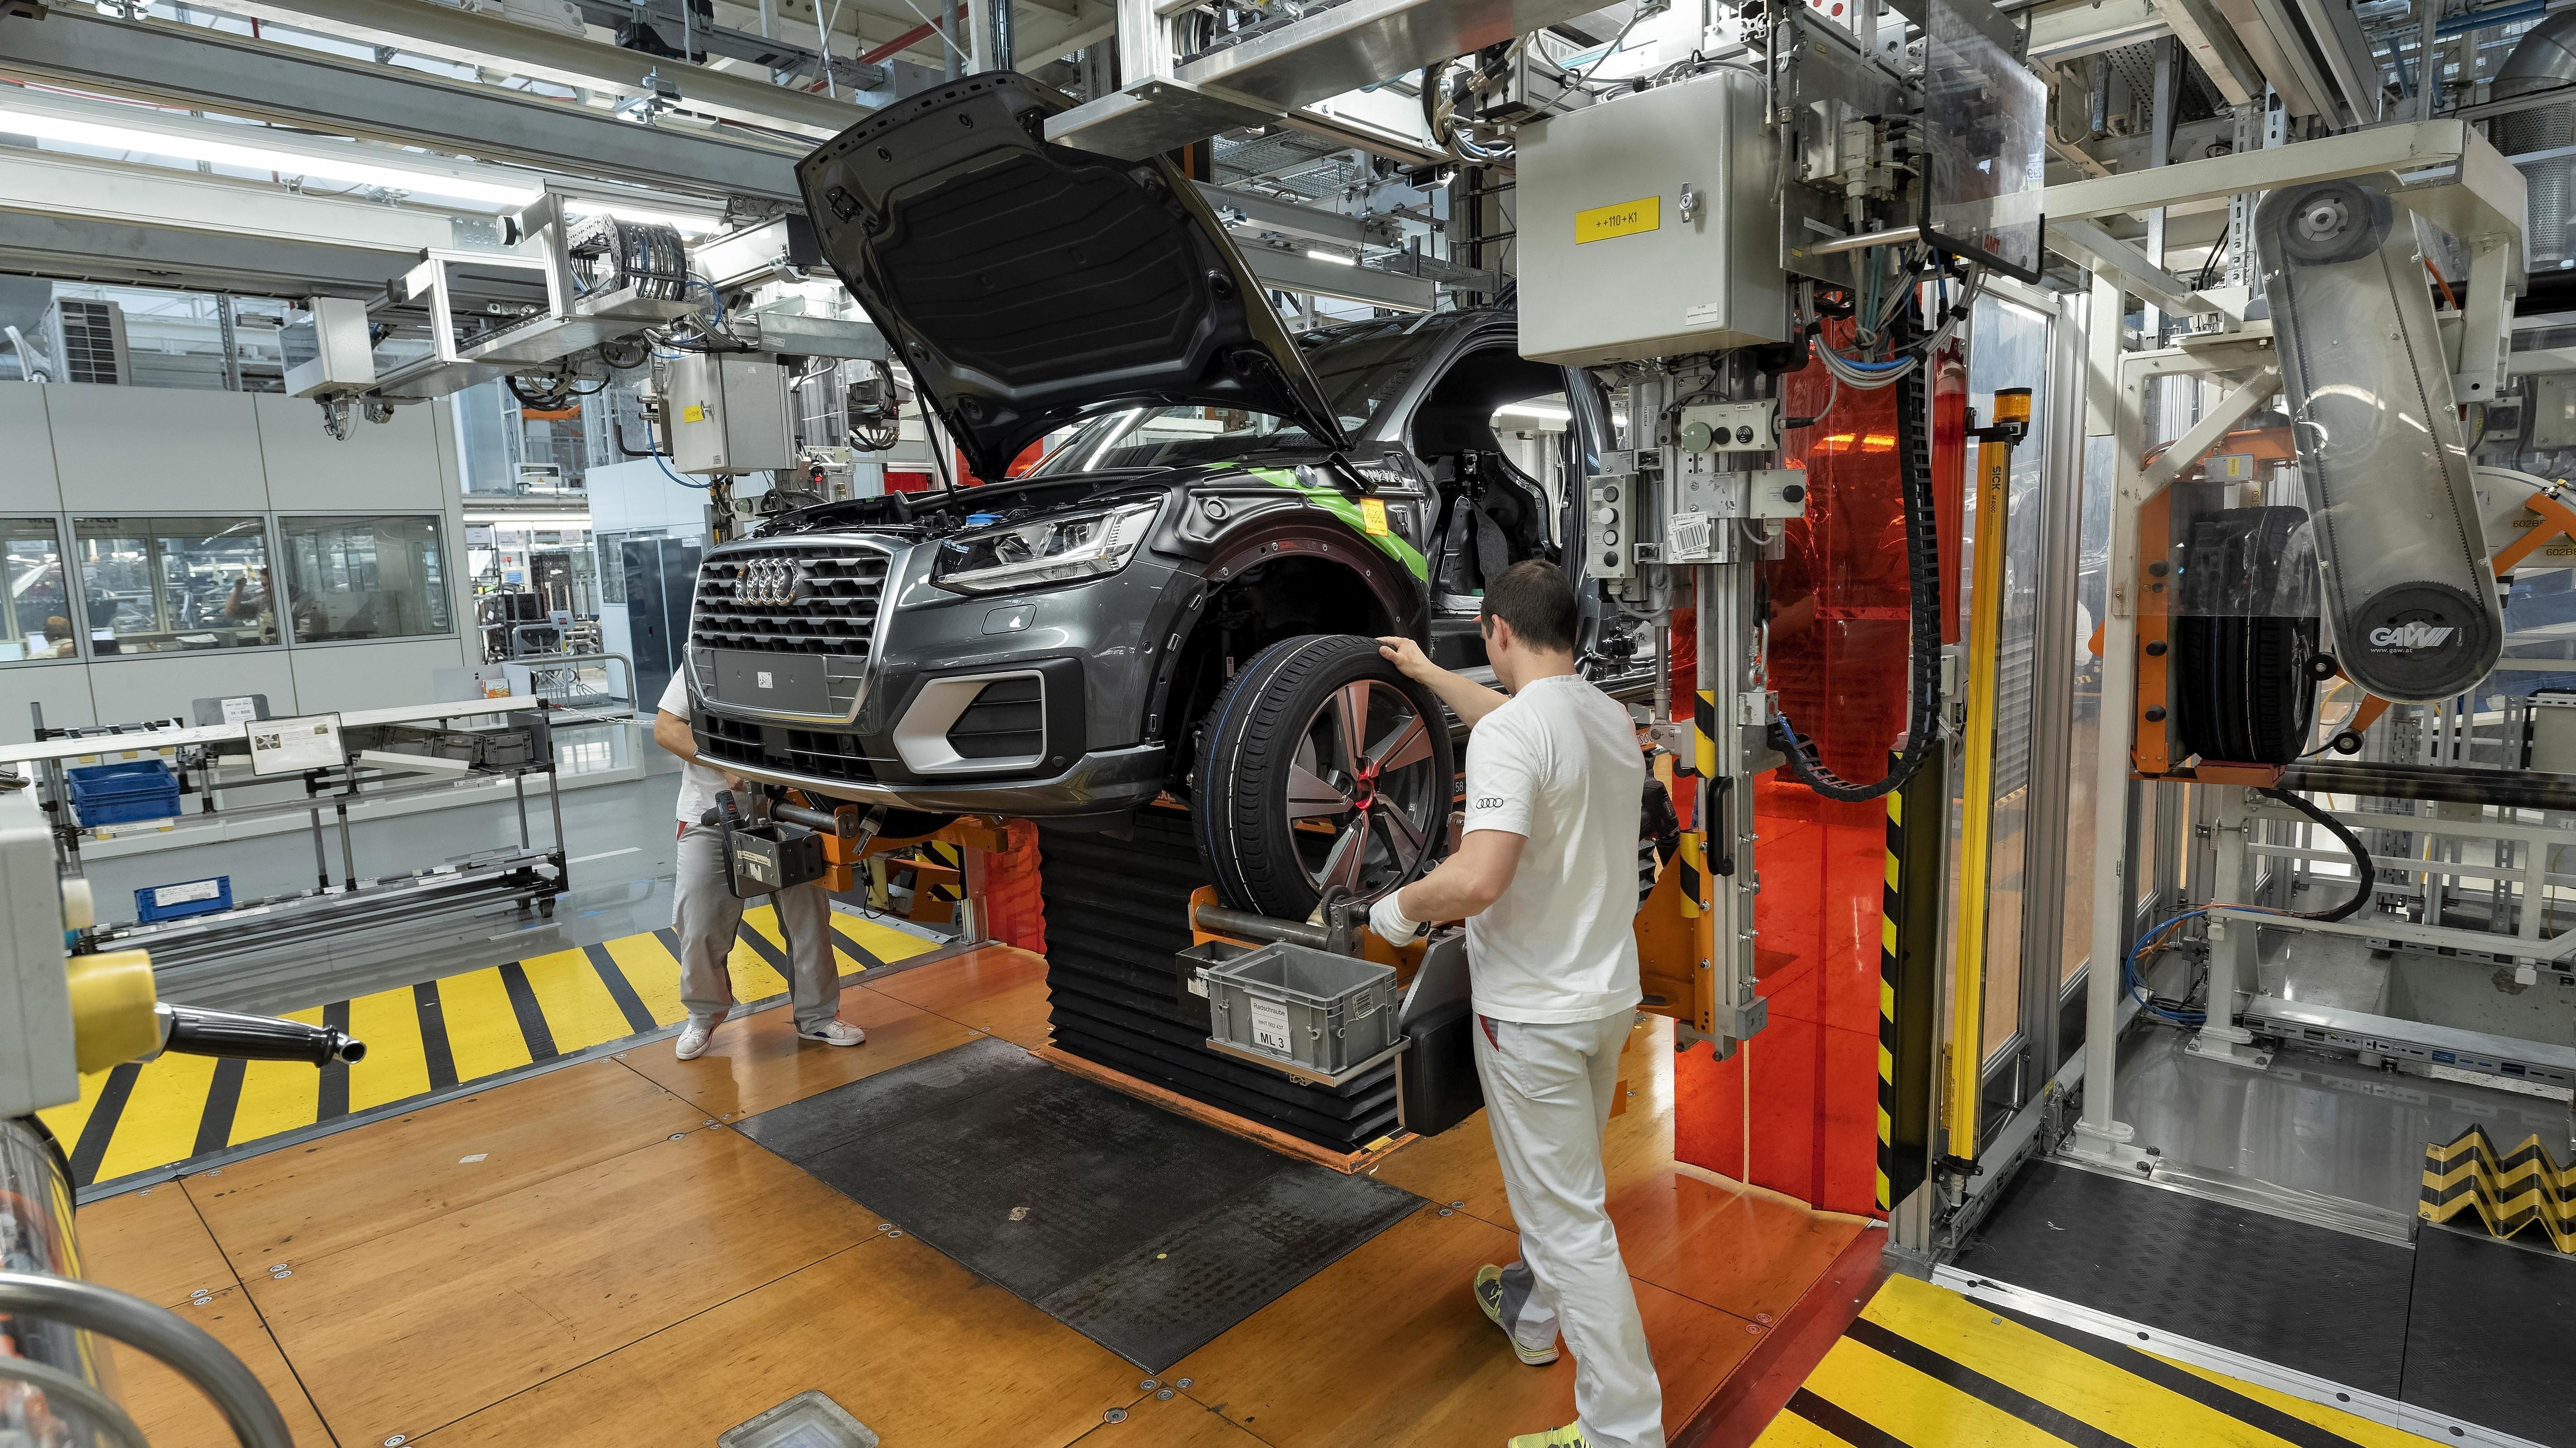 Anbau der Räder auf der Montagelinie für Audi Q2 im Werk der Audi AG in Ingolstadt